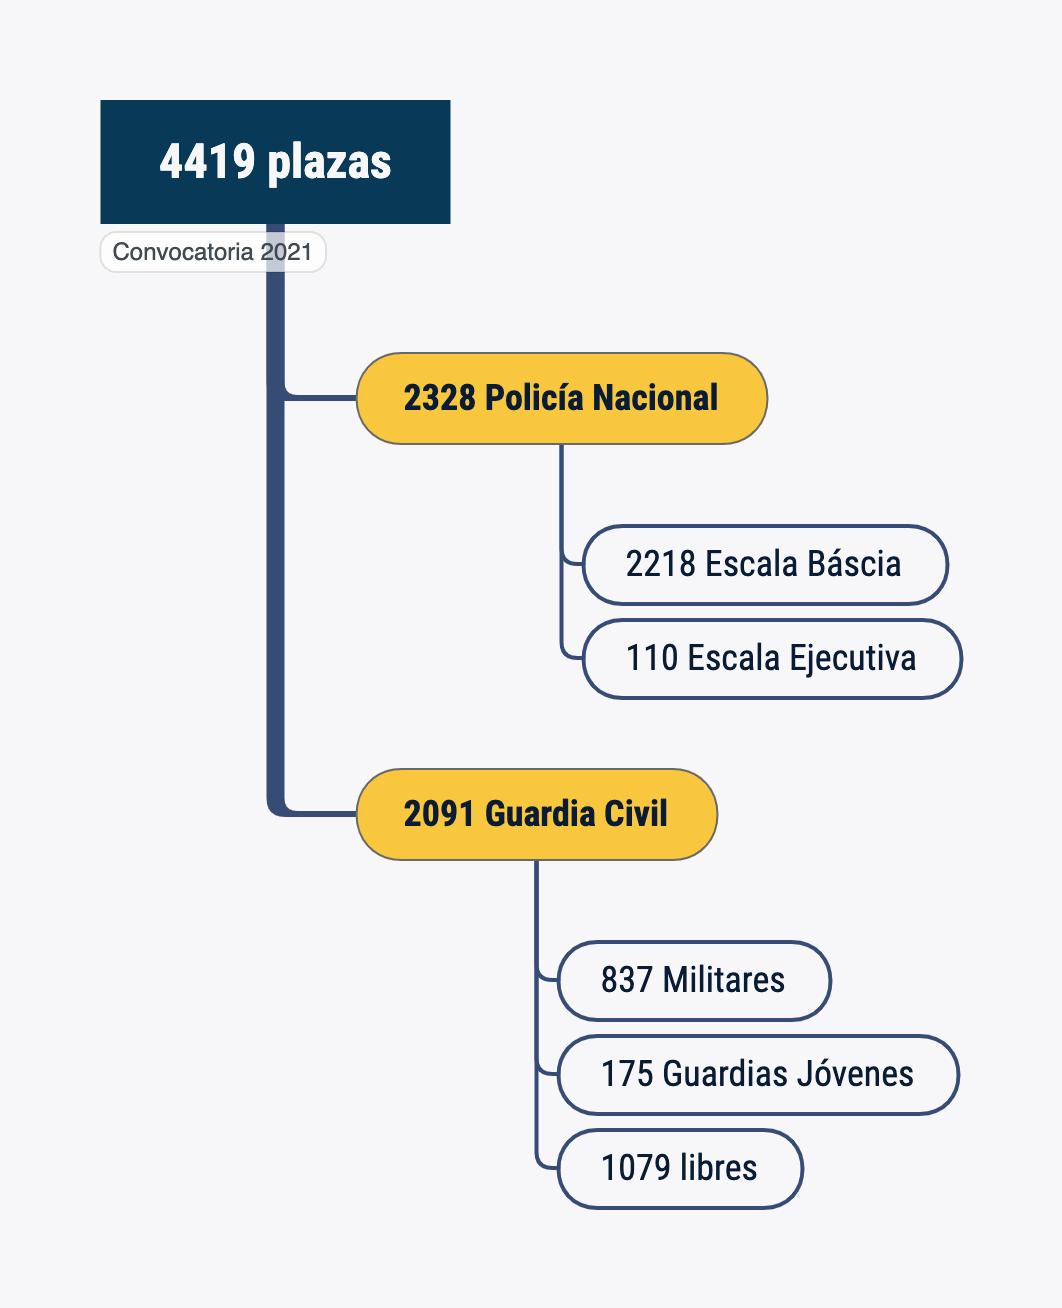 Convocatoria de plazas para Policía Nacional y Guardia Civil 2021. Fuerzas y Cuerpos de Seguridad del Estado